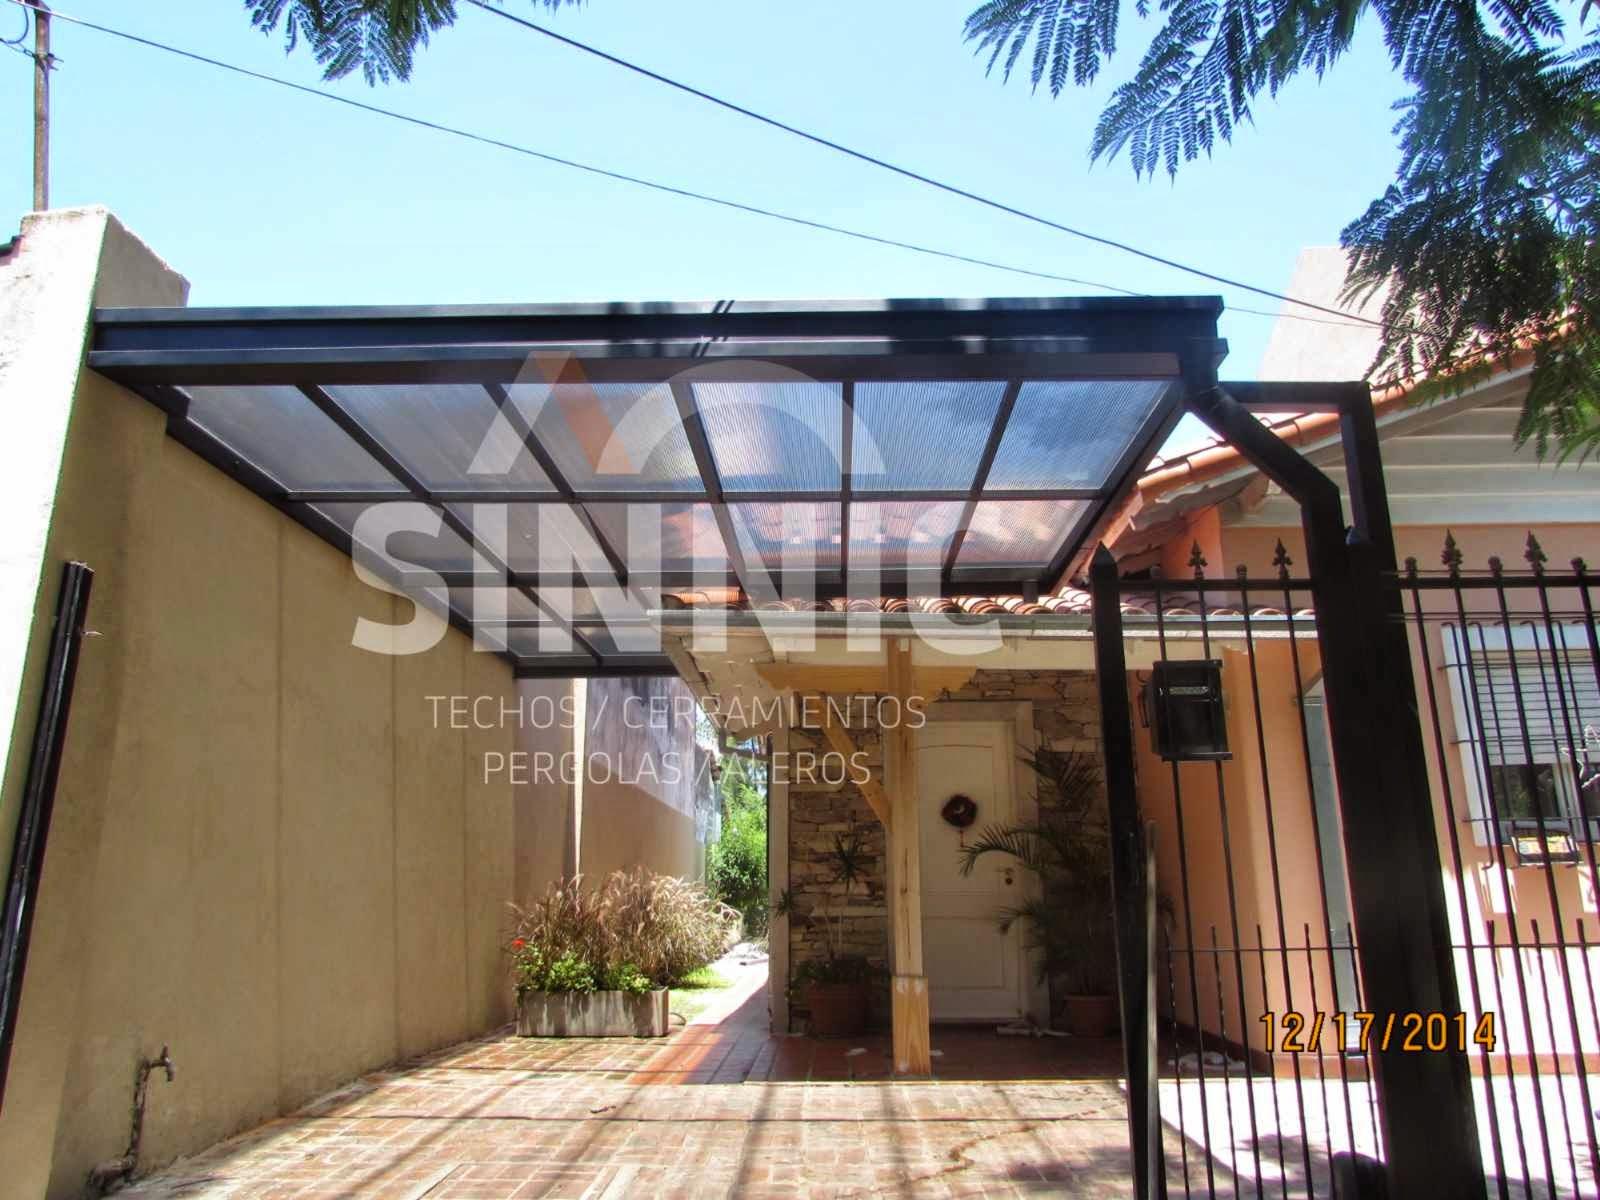 Techo de policarbonato pergolas aleros techo de for Techos de policarbonato para garage